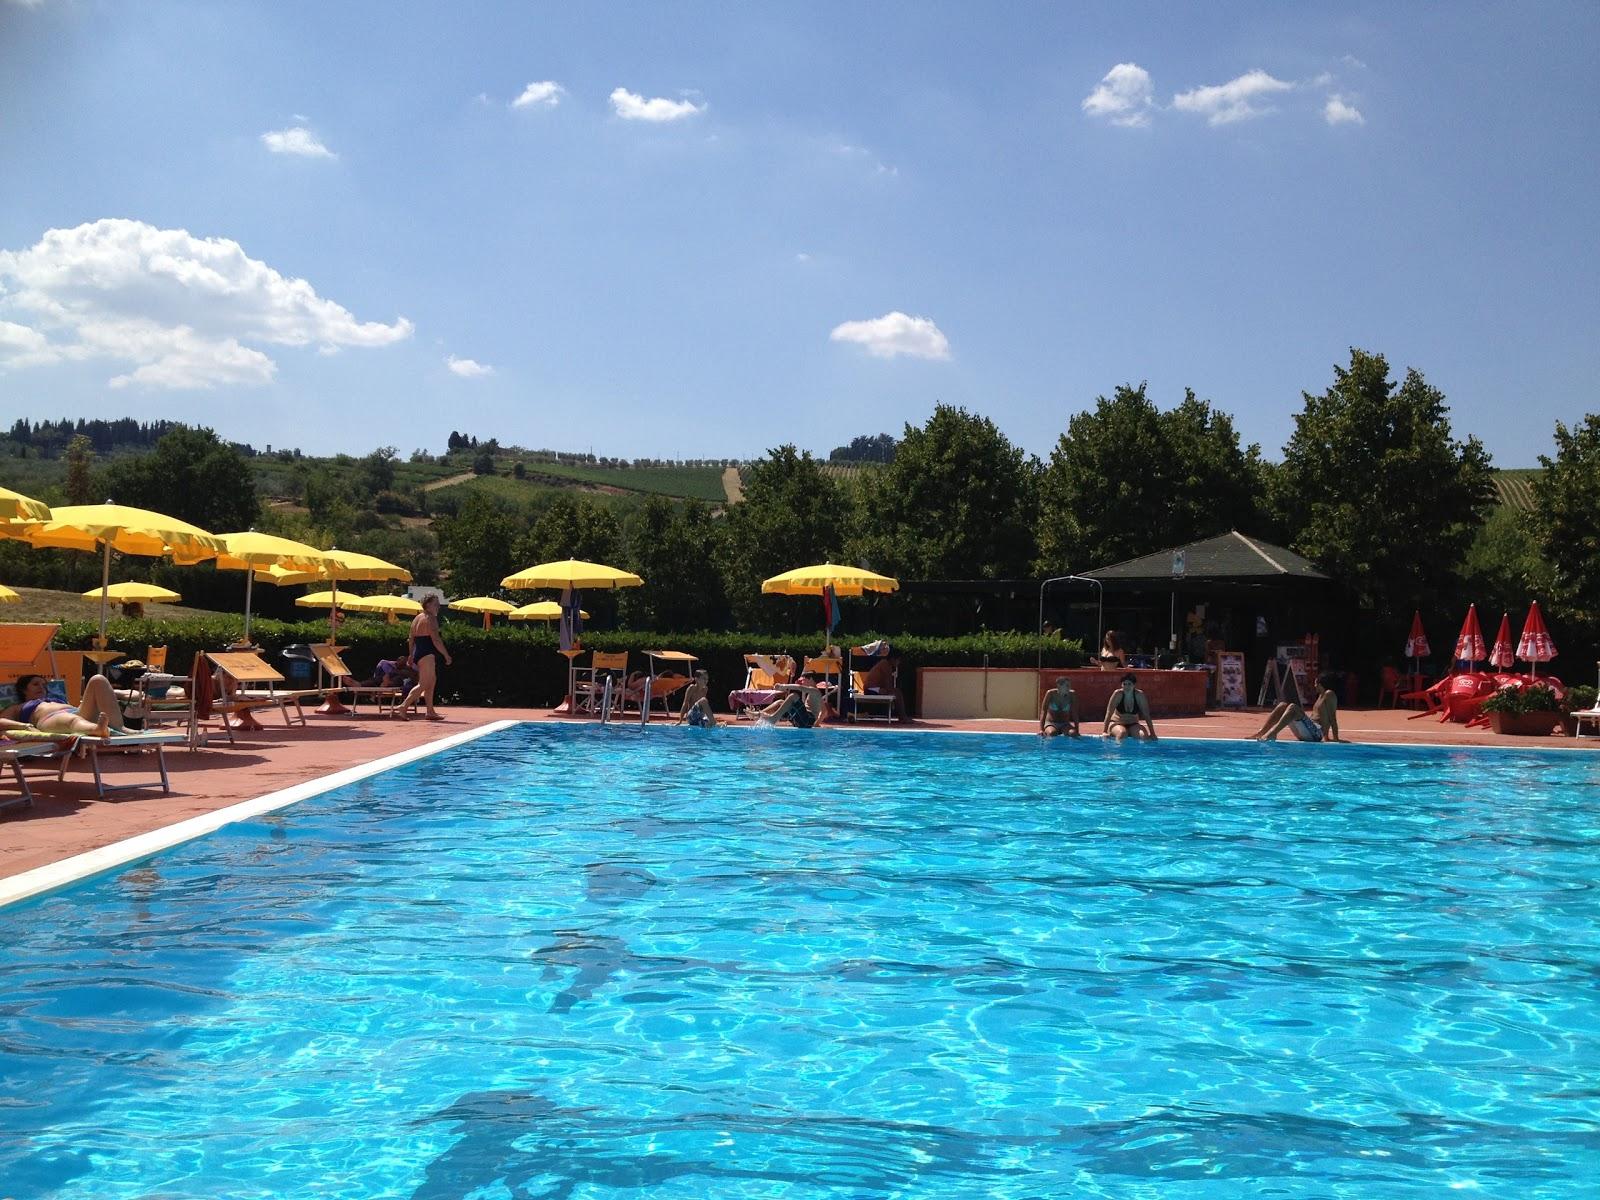 Paesaggi D Acqua Piscine io amo firenze: piscine all'aperto, in mezzo al verde: la